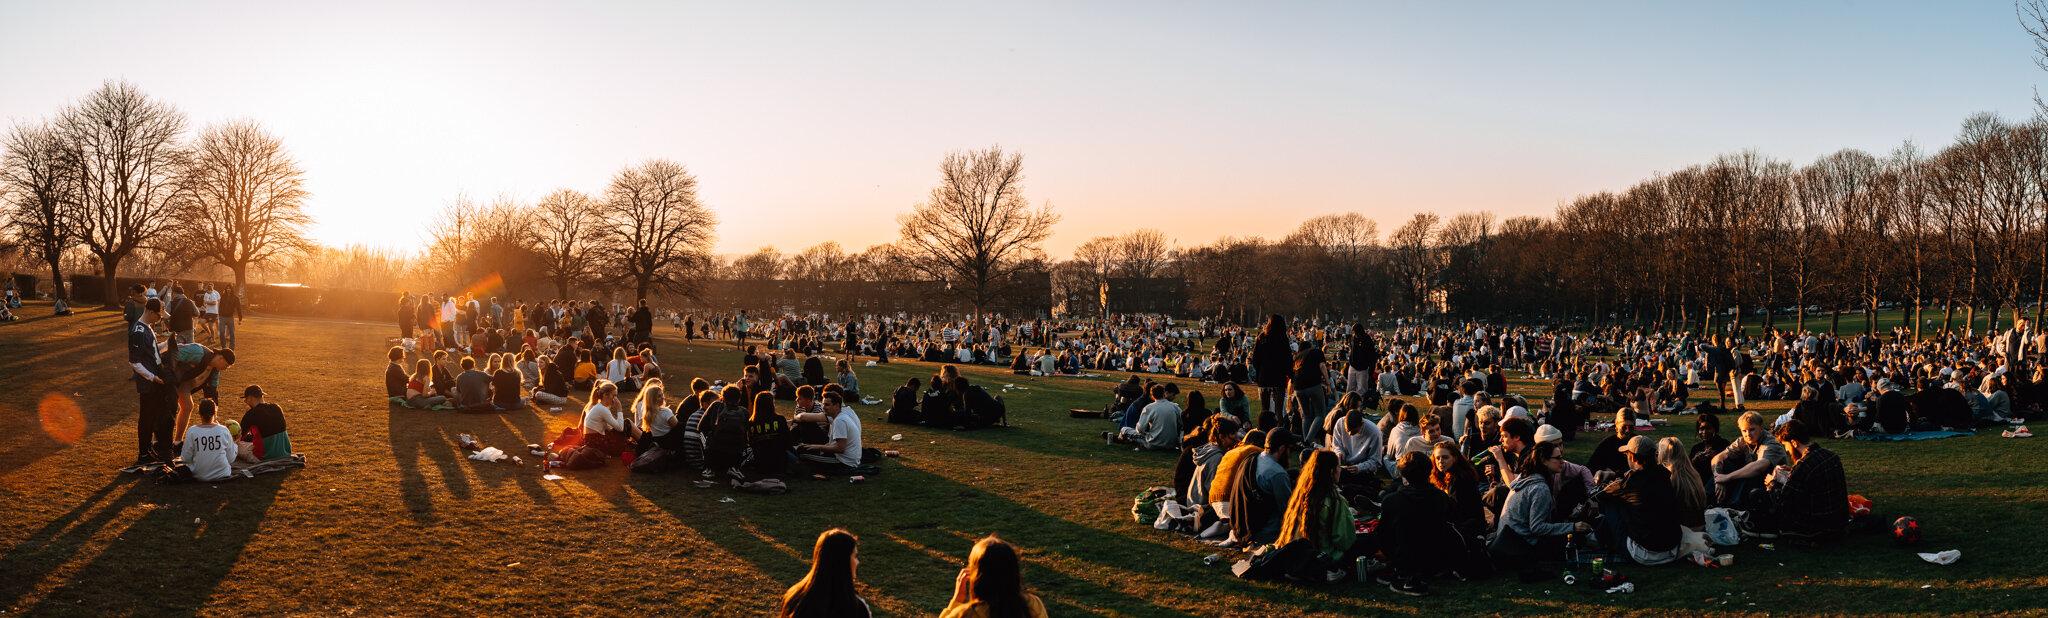 sunny park-6.jpg